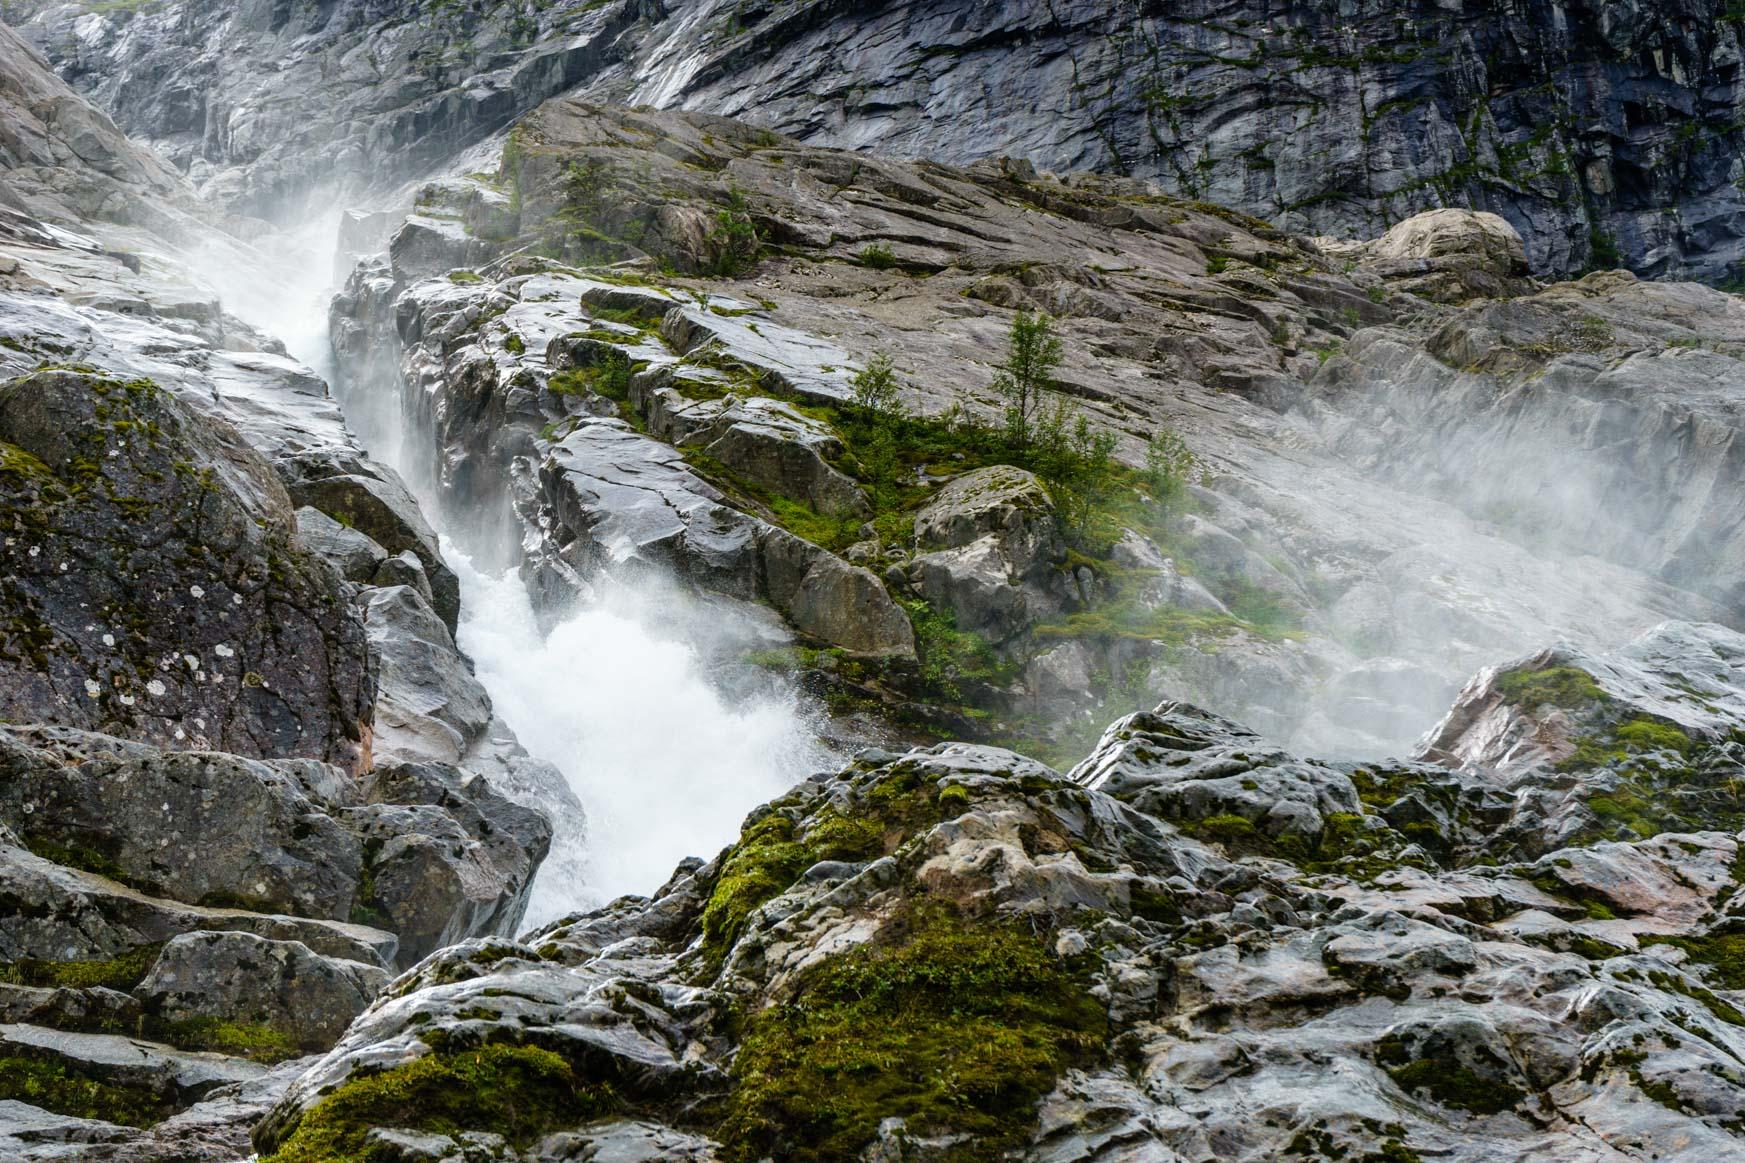 Wasserfall unterhalb des Bondhusbreen